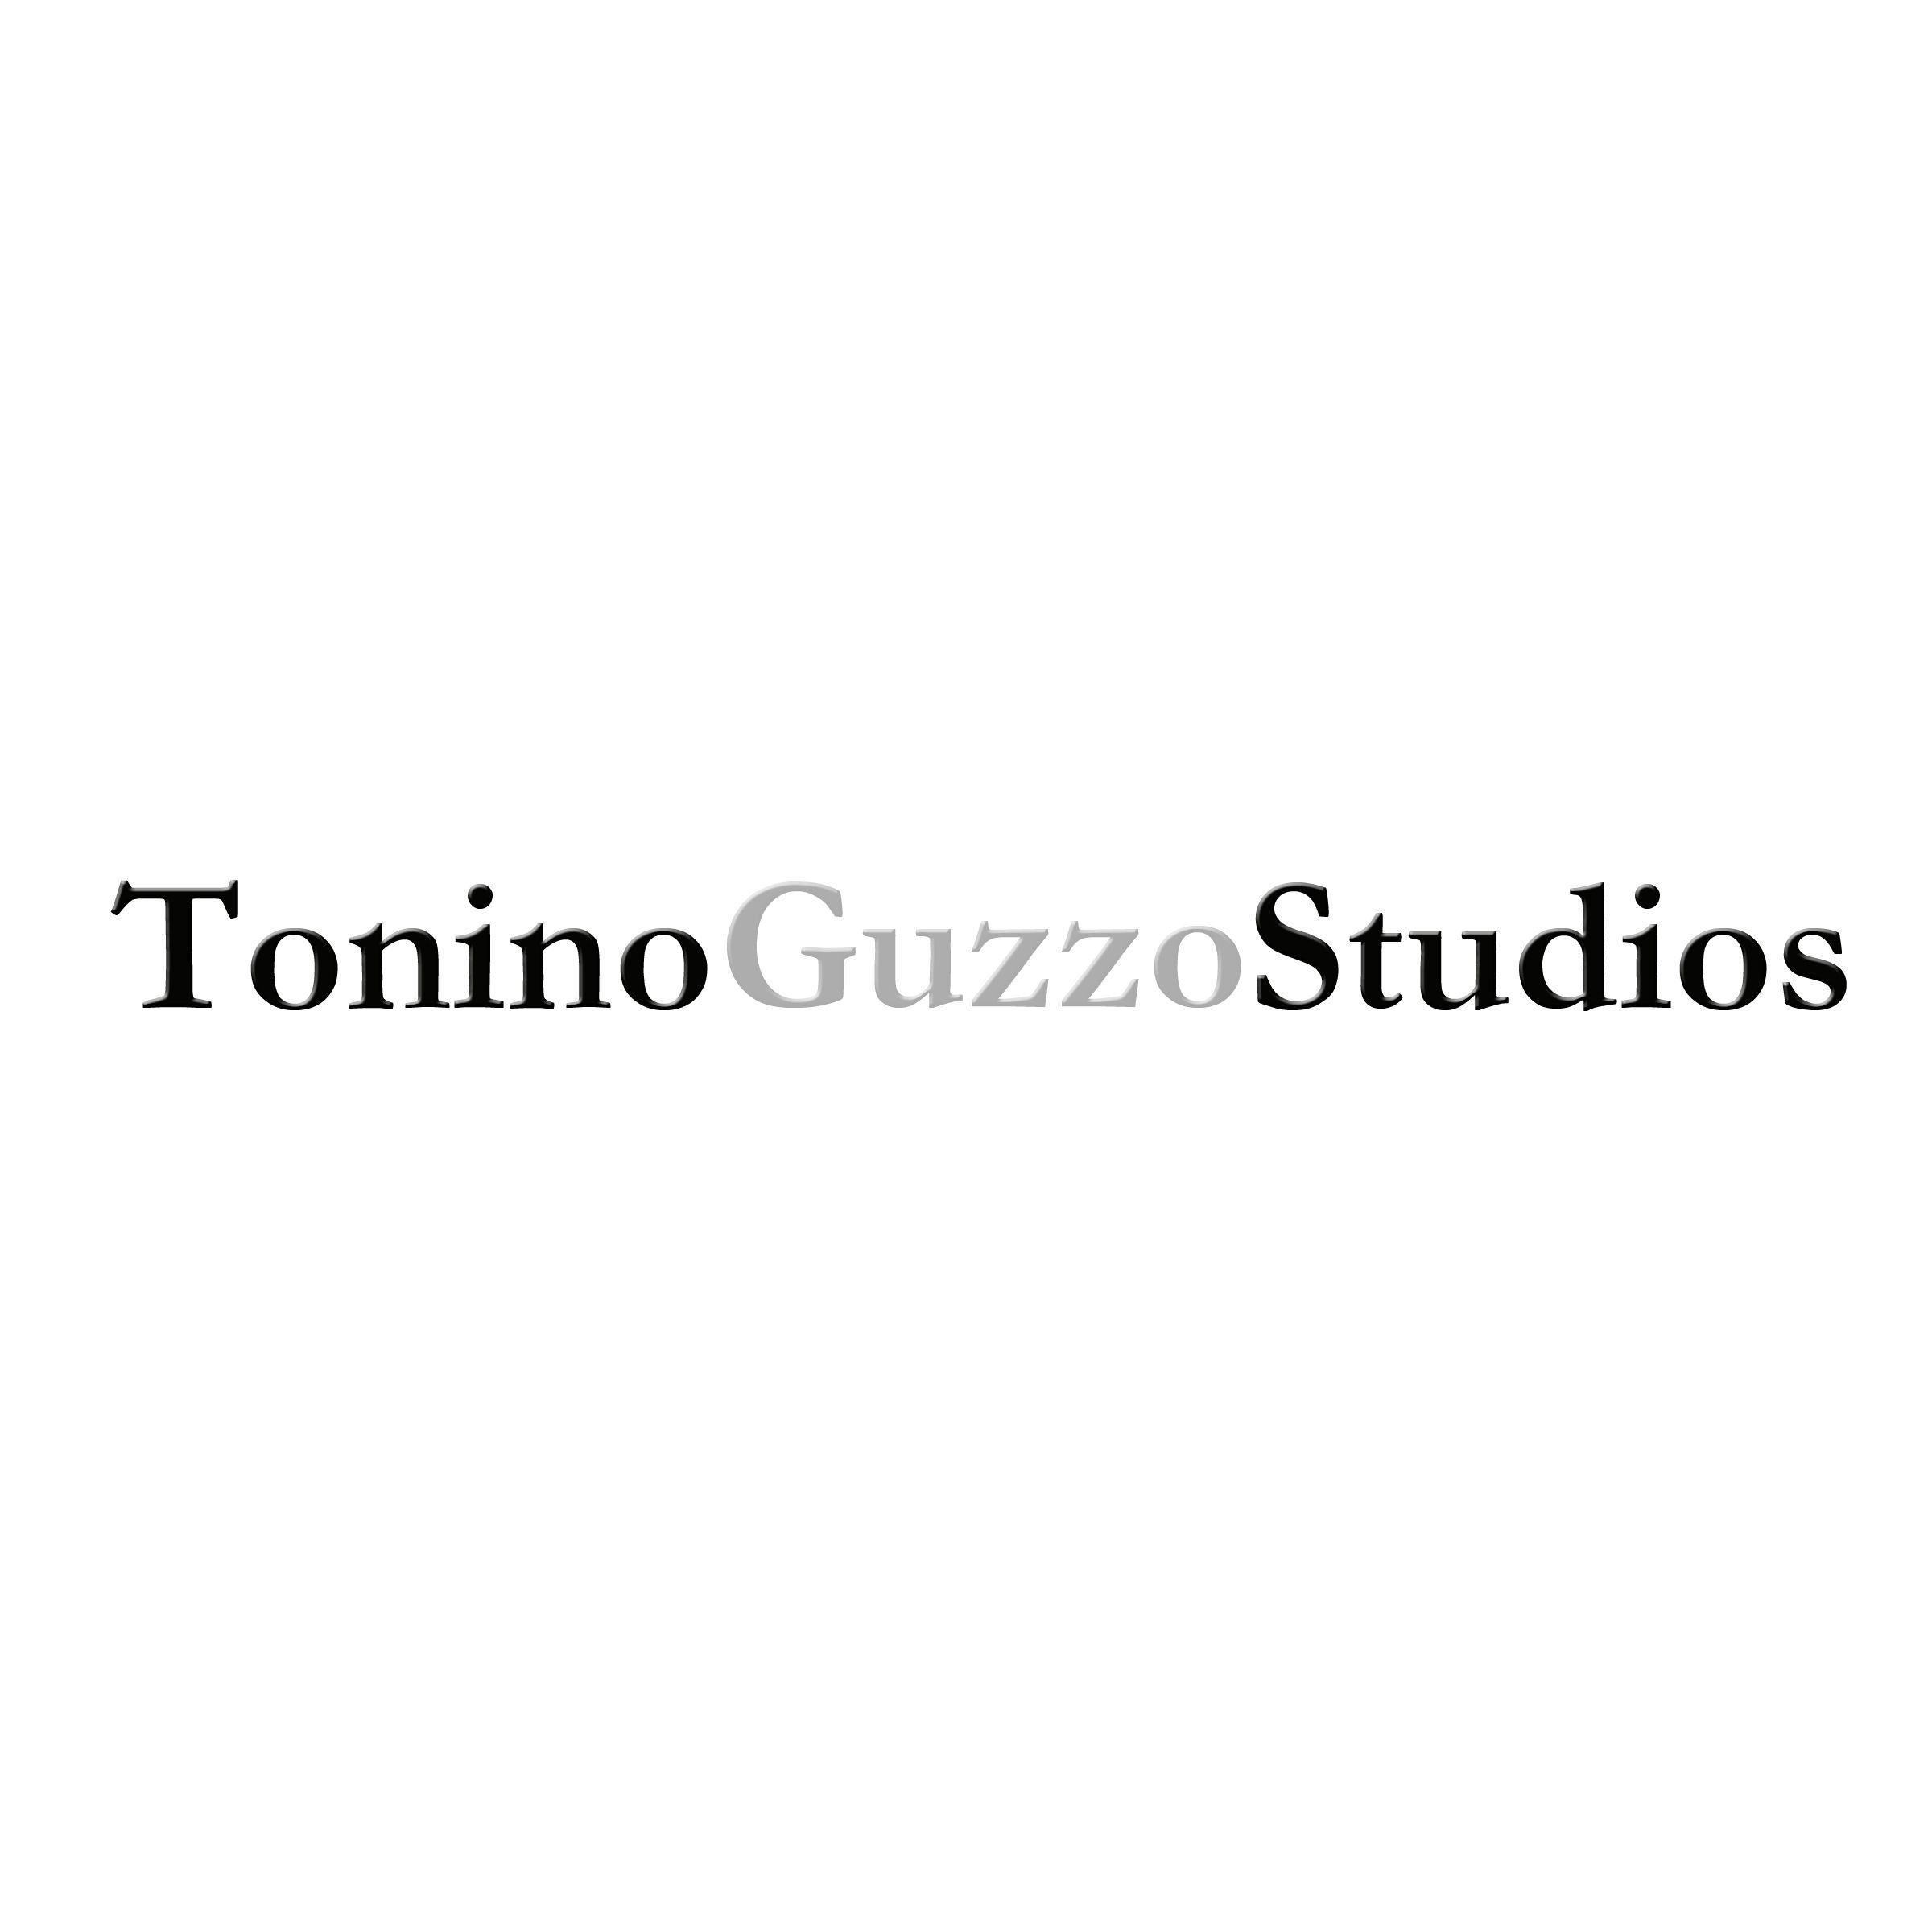 ToninoGuzzoStudios